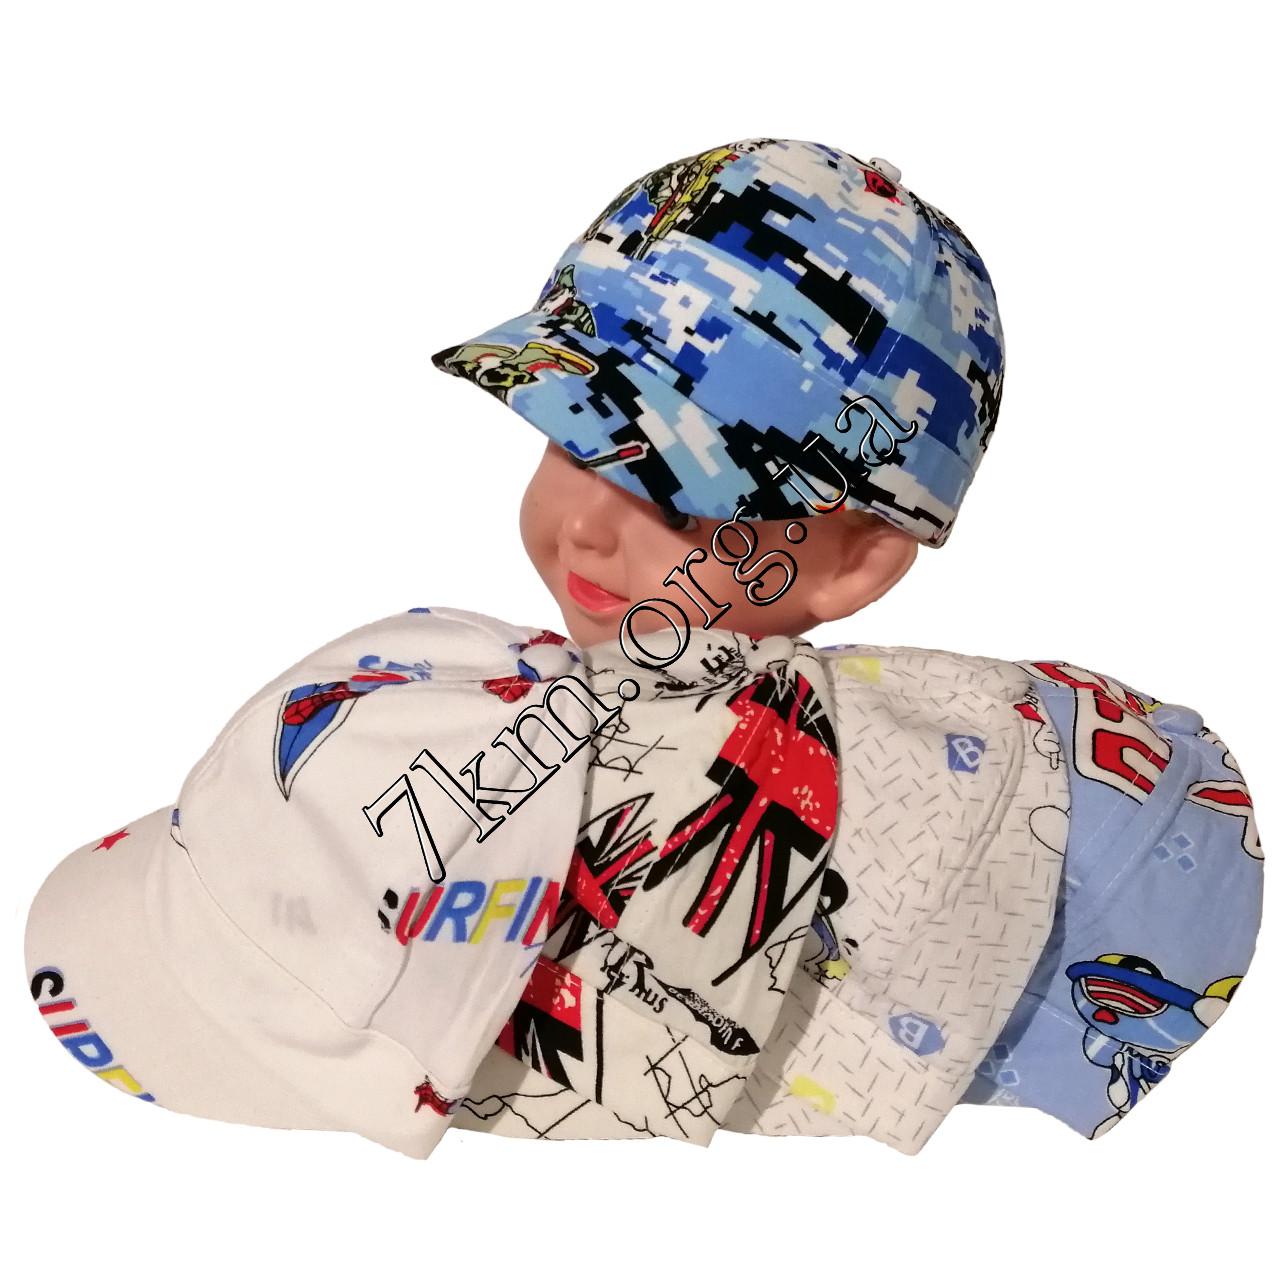 Кепка детская для мальчиков 48 р. хлопок Вьетнам Оптом 7702